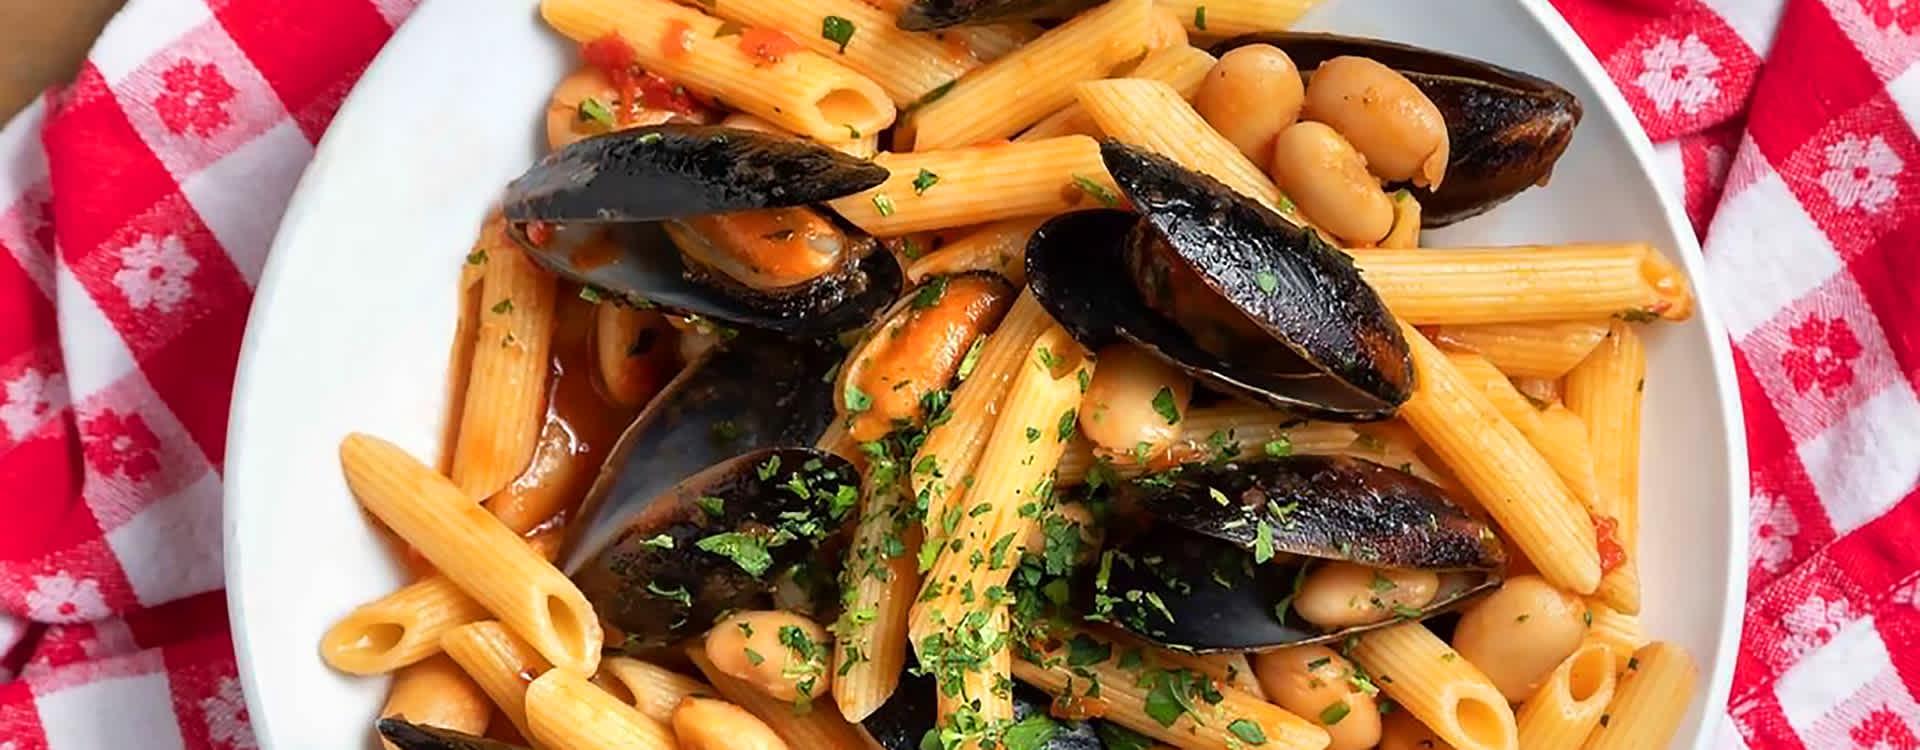 Vince's Italian Pasta in Burien